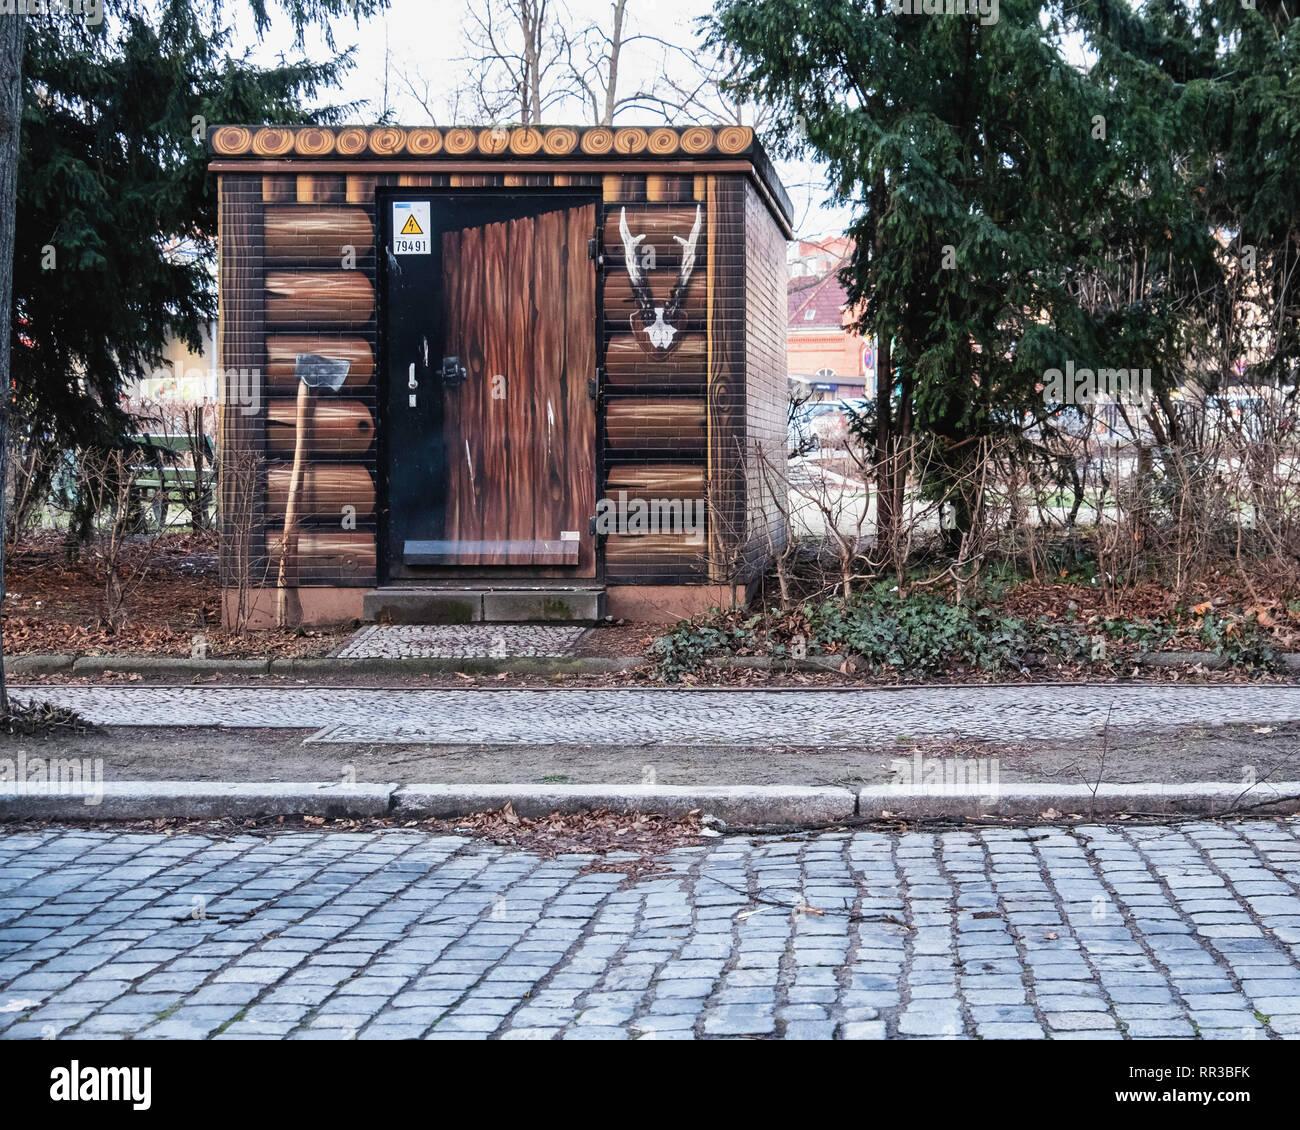 Heidelberger Platz, Wilmersdorf-Berlin.Cuadro de utilidad disfrazado forester's Shed - Pintura de troncos, ax y ciervos antlters Foto de stock